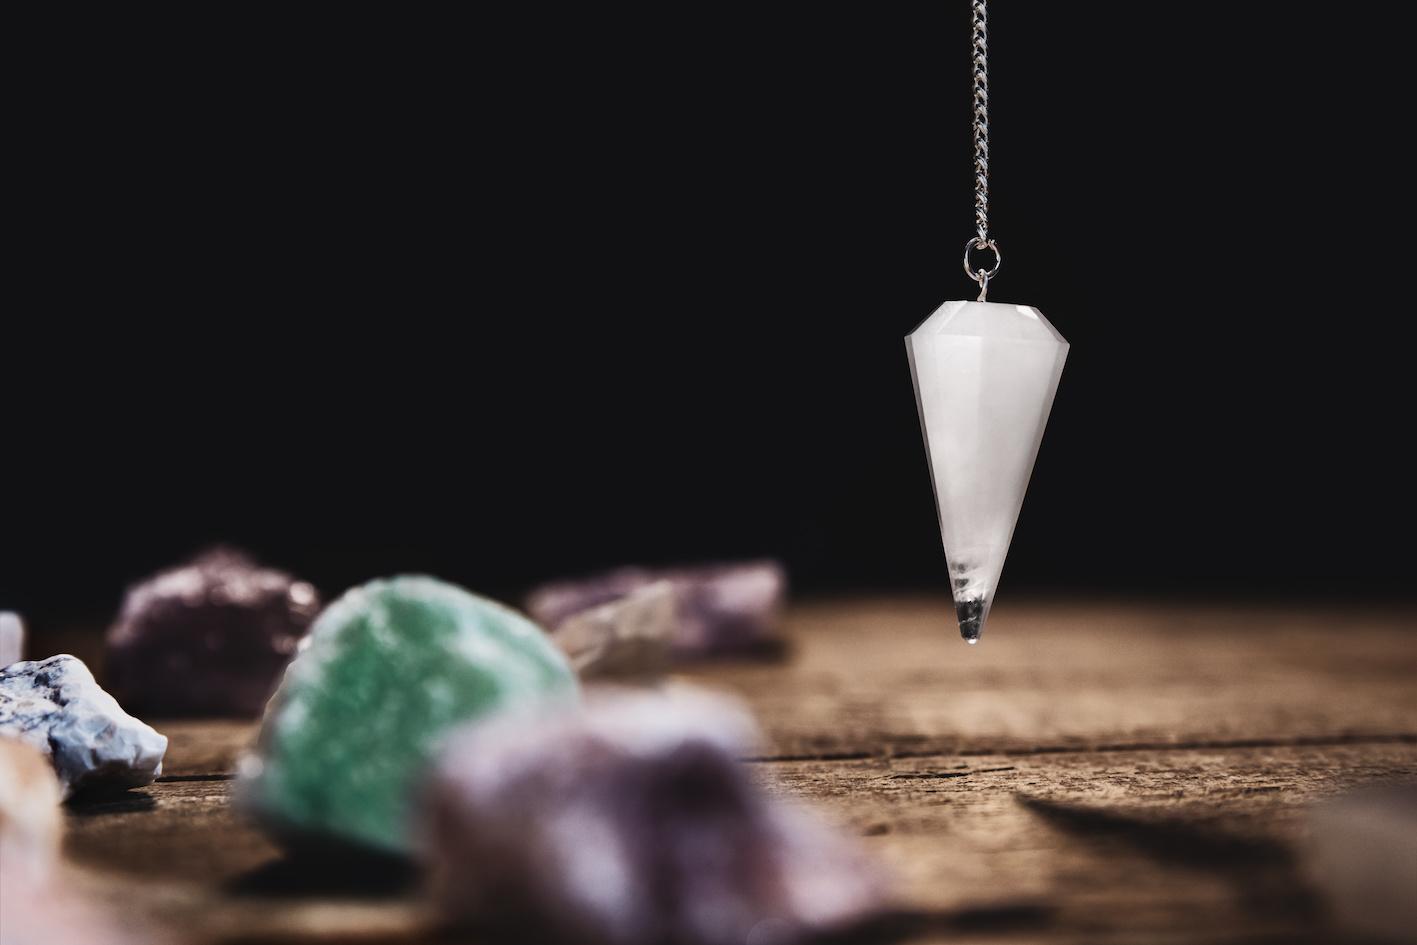 pendolo cristalloterapia intramundi